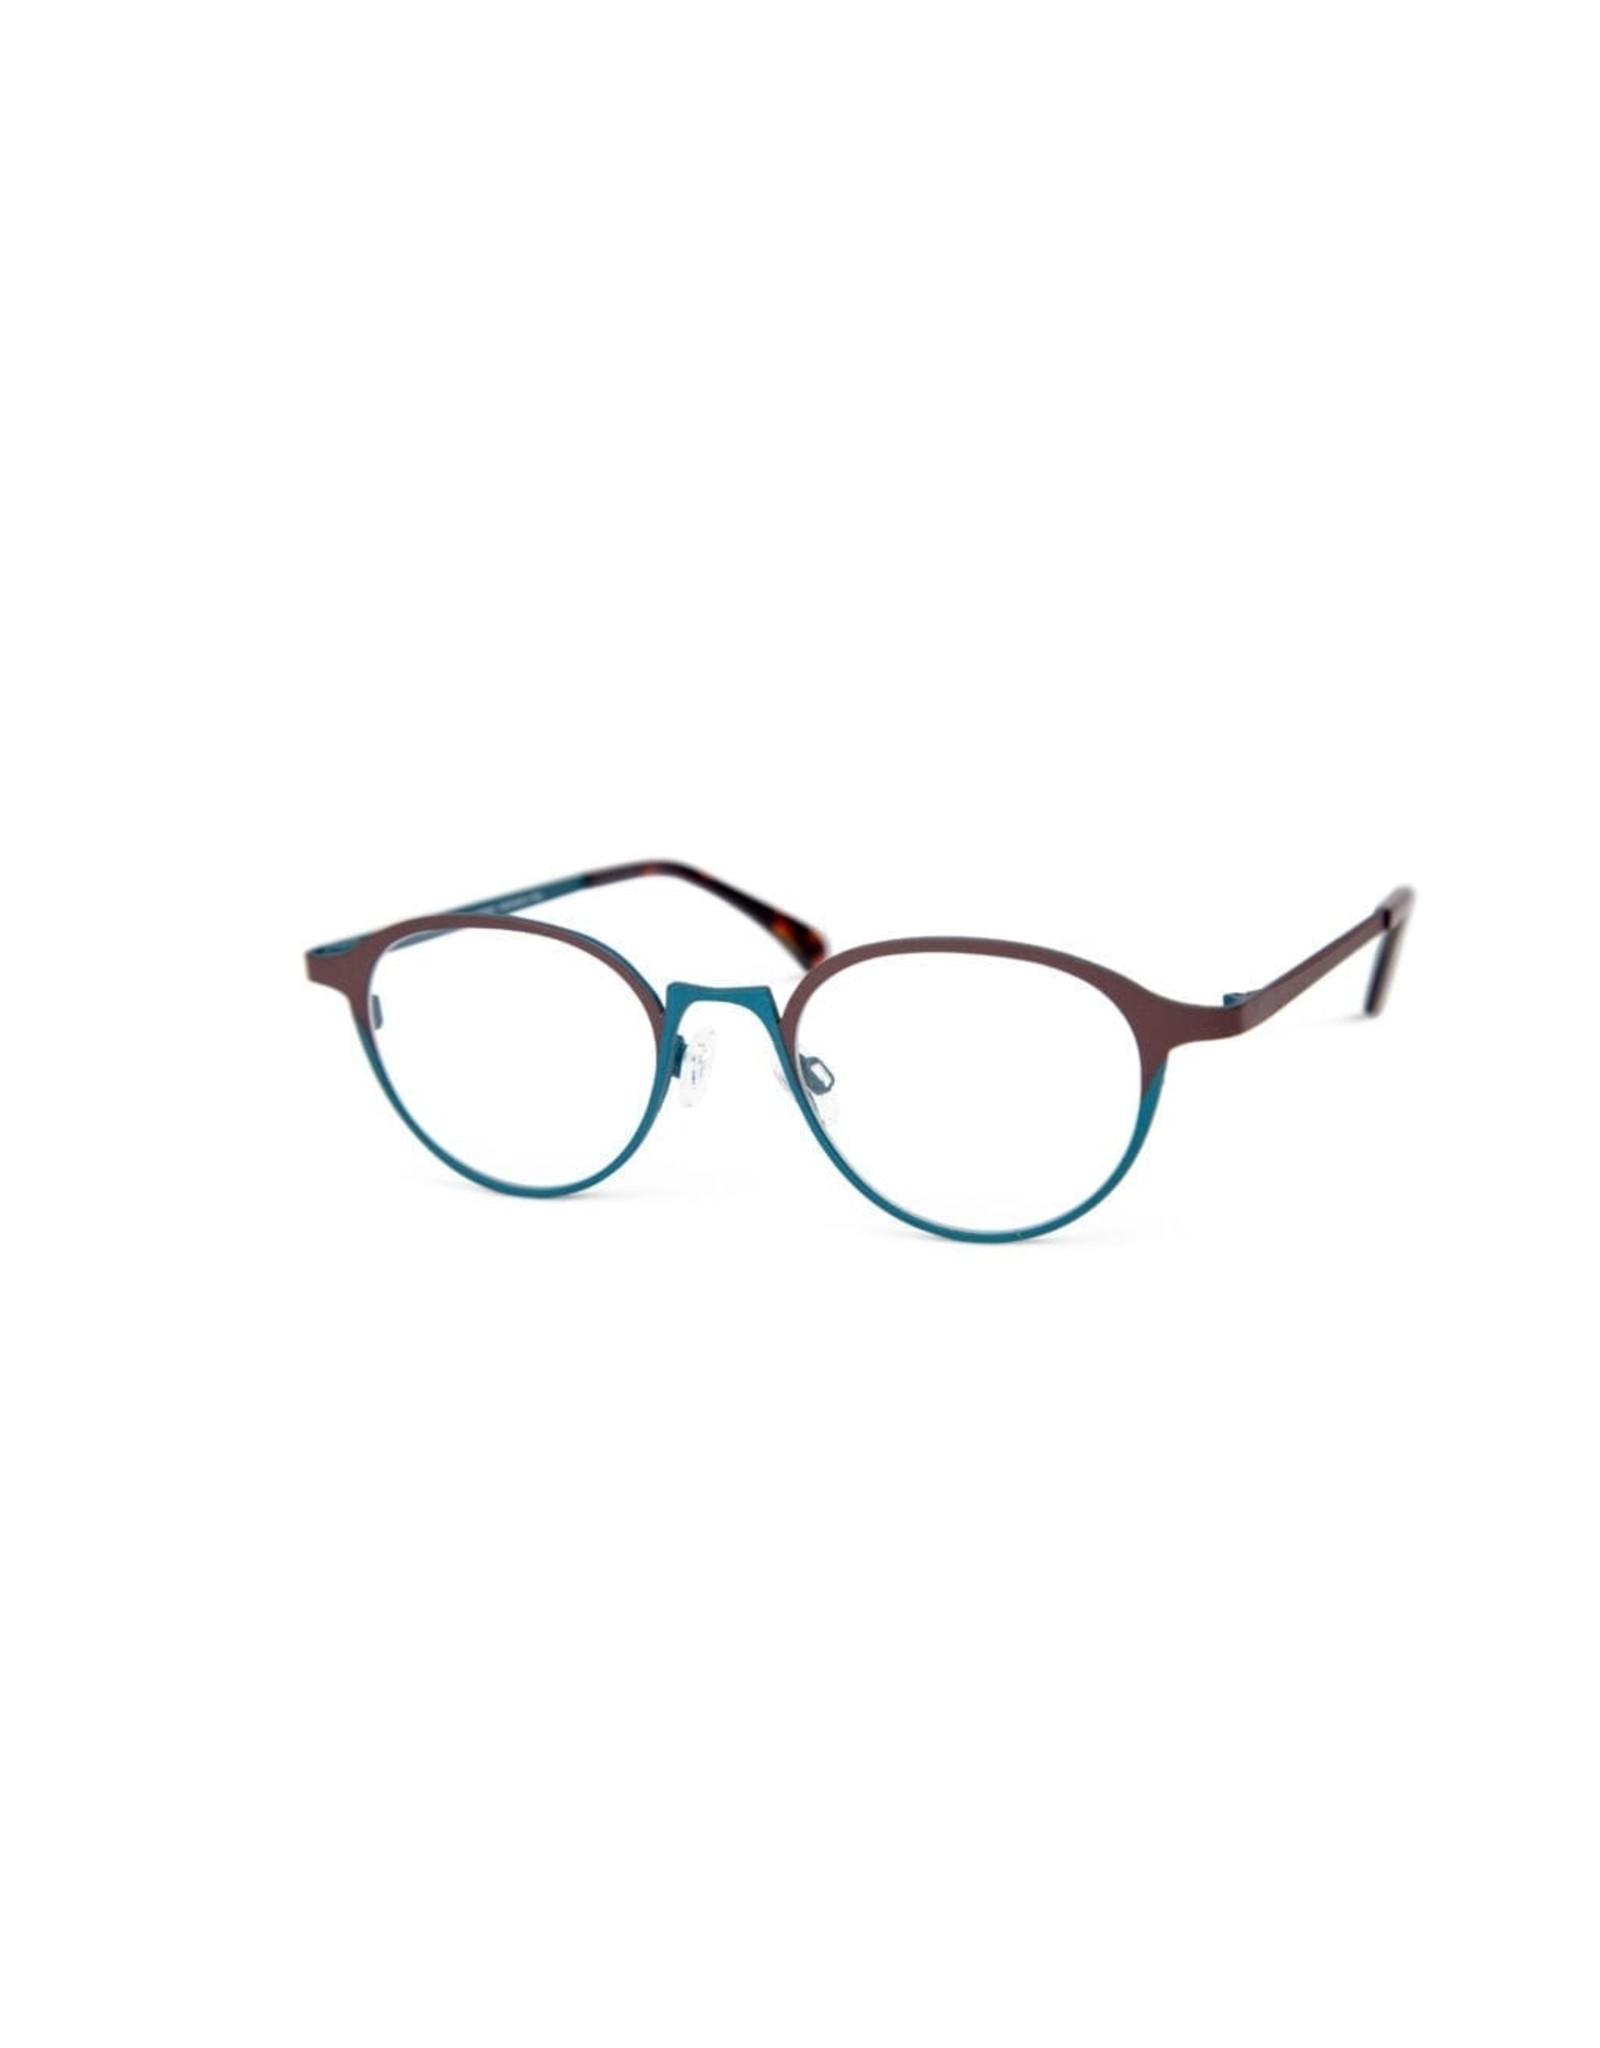 Binoche Binoche 208 c06 (brun blue)